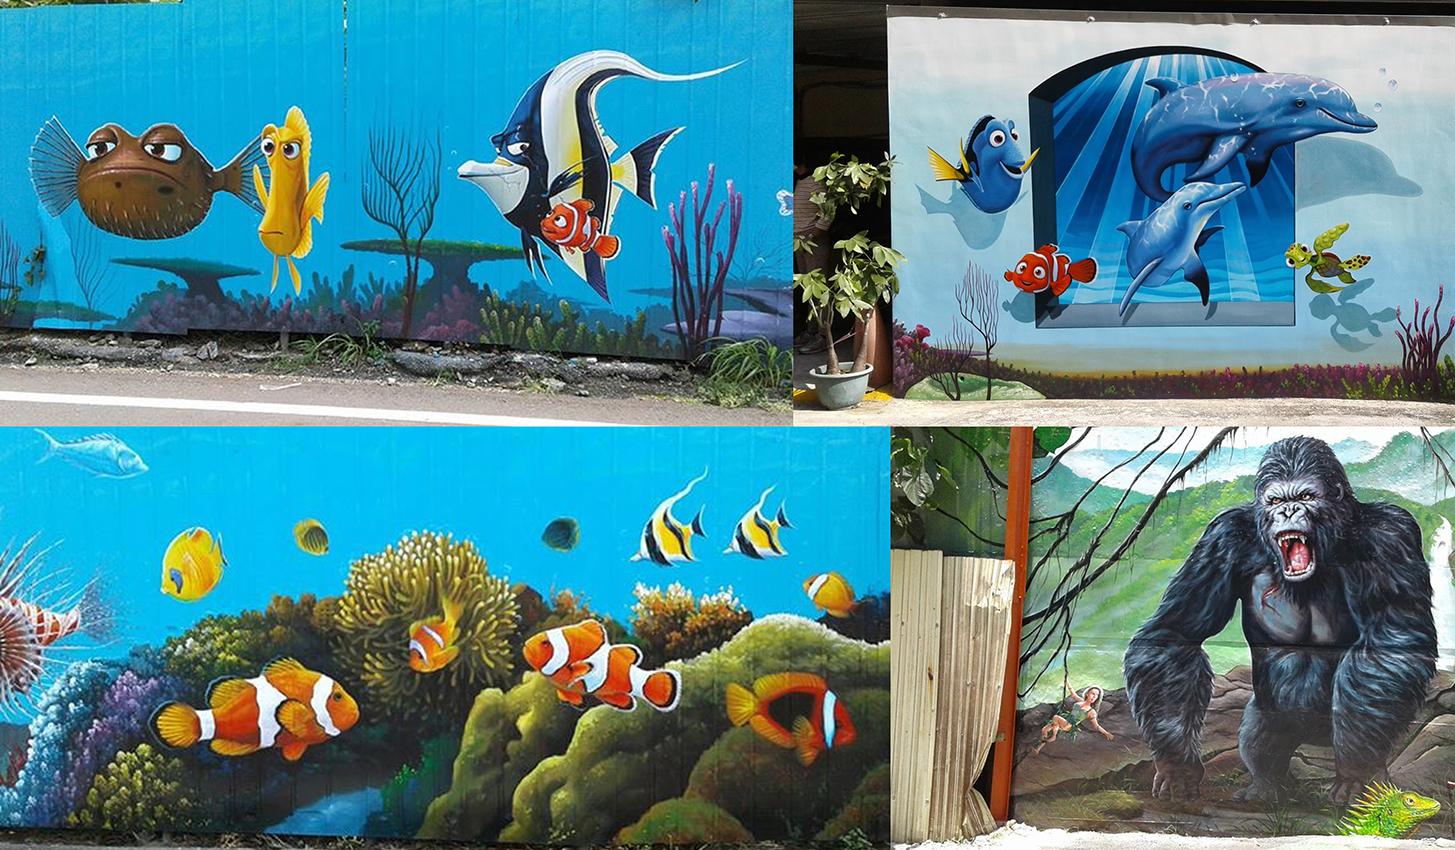 飛鴿牆壁彩繪 - 20200901231116-500286178.jpg(圖)